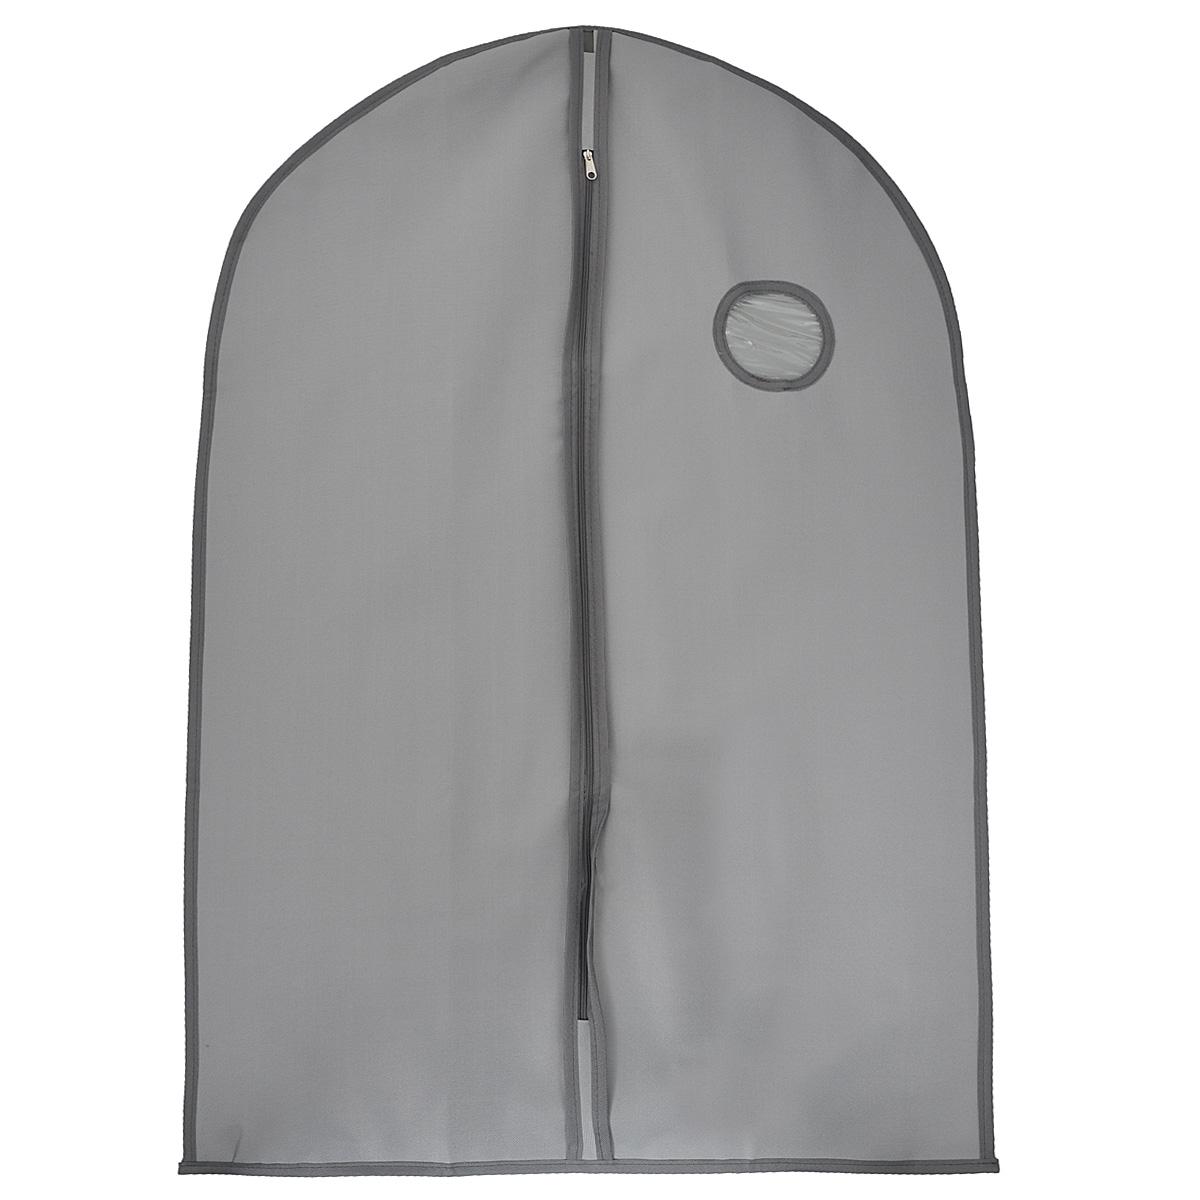 """Чехол для одежды """"FS-6502M-P"""" изготовлен из высококачественного нетканого материала. Особое строение полотна создает естественную вентиляцию: материал """"дышит"""" и позволяет воздуху свободно проникать внутрь чехла, не пропуская пыль. Благодаря форме чехла, одежда не мнется даже при длительном хранении. Застегивается на молнию. Окошко из пластика позволяет увидеть, какие вещи находятся внутри. Чехол для одежды будет очень полезен при транспортировке вещей на близкие и дальние расстояния, при длительном хранении сезонной одежды, а также при ежедневном хранении вещей из деликатных тканей. Чехол для одежды """"FS-6502M-P"""" не только защитит ваши вещи от пыли и влаги, но и поможет доставить одежду на любое мероприятие в идеальном состоянии. Характеристики:Материал: 10С ПВХ, пластик. Размер чехла: 60 см х 120 см. Цвет: темно-серый."""